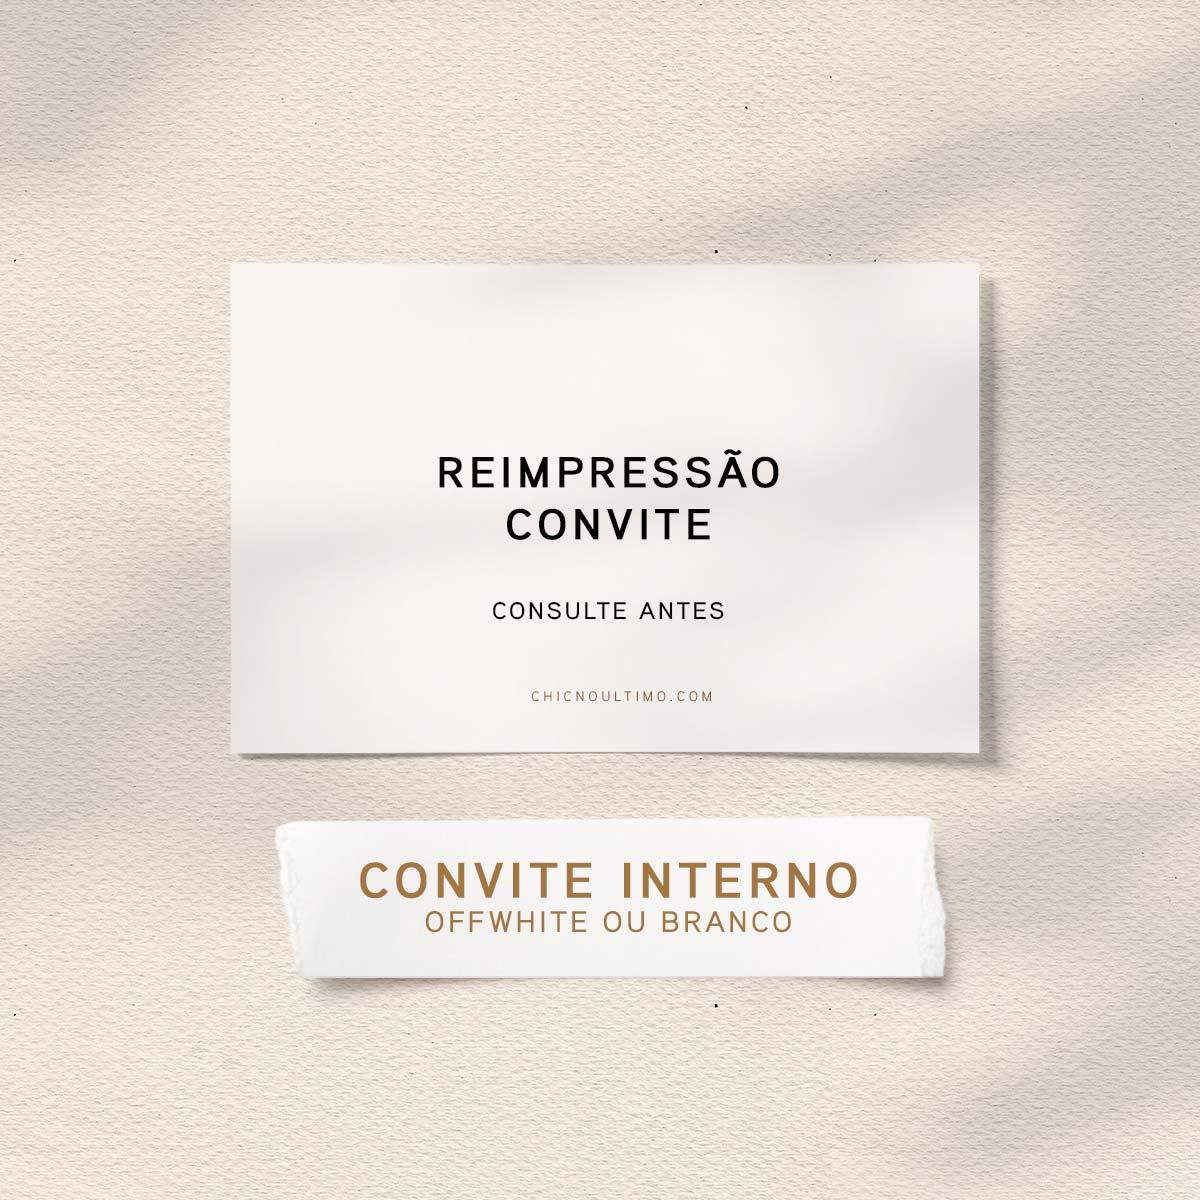 Reimpressão convites - dobrado